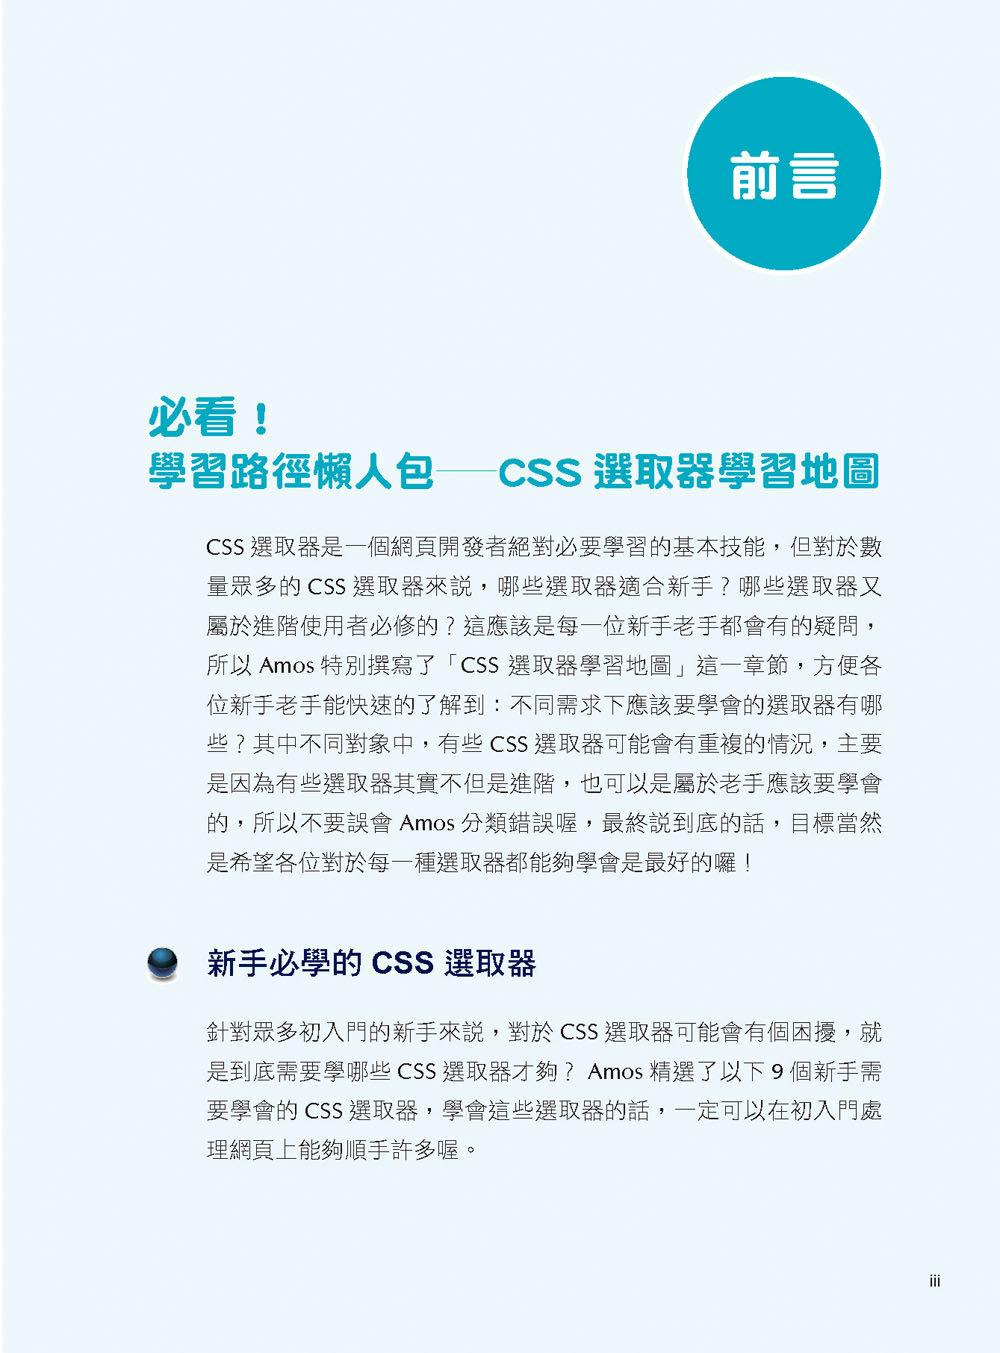 金魚都能懂的 CSS 選取器:金魚都能懂了你還怕學不會嗎(iT邦幫忙鐵人賽系列書)-preview-4